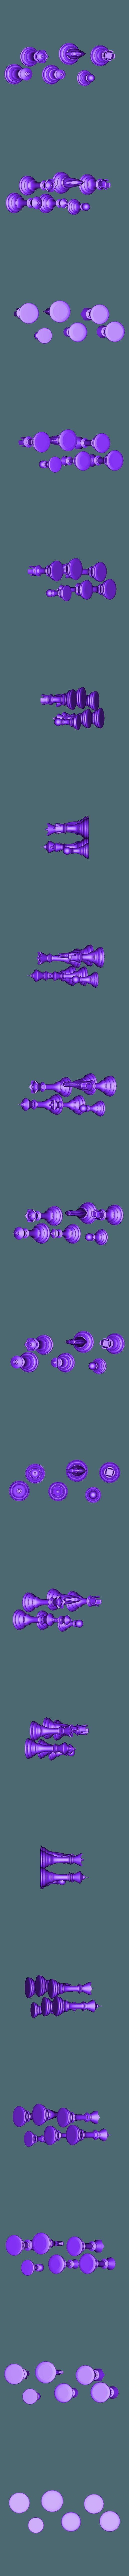 Stauton All pieces.obj Télécharger fichier 3MF gratuit Jeu d'échecs classique Modèle 3D imprimable • Modèle pour impression 3D, GuillermoMX